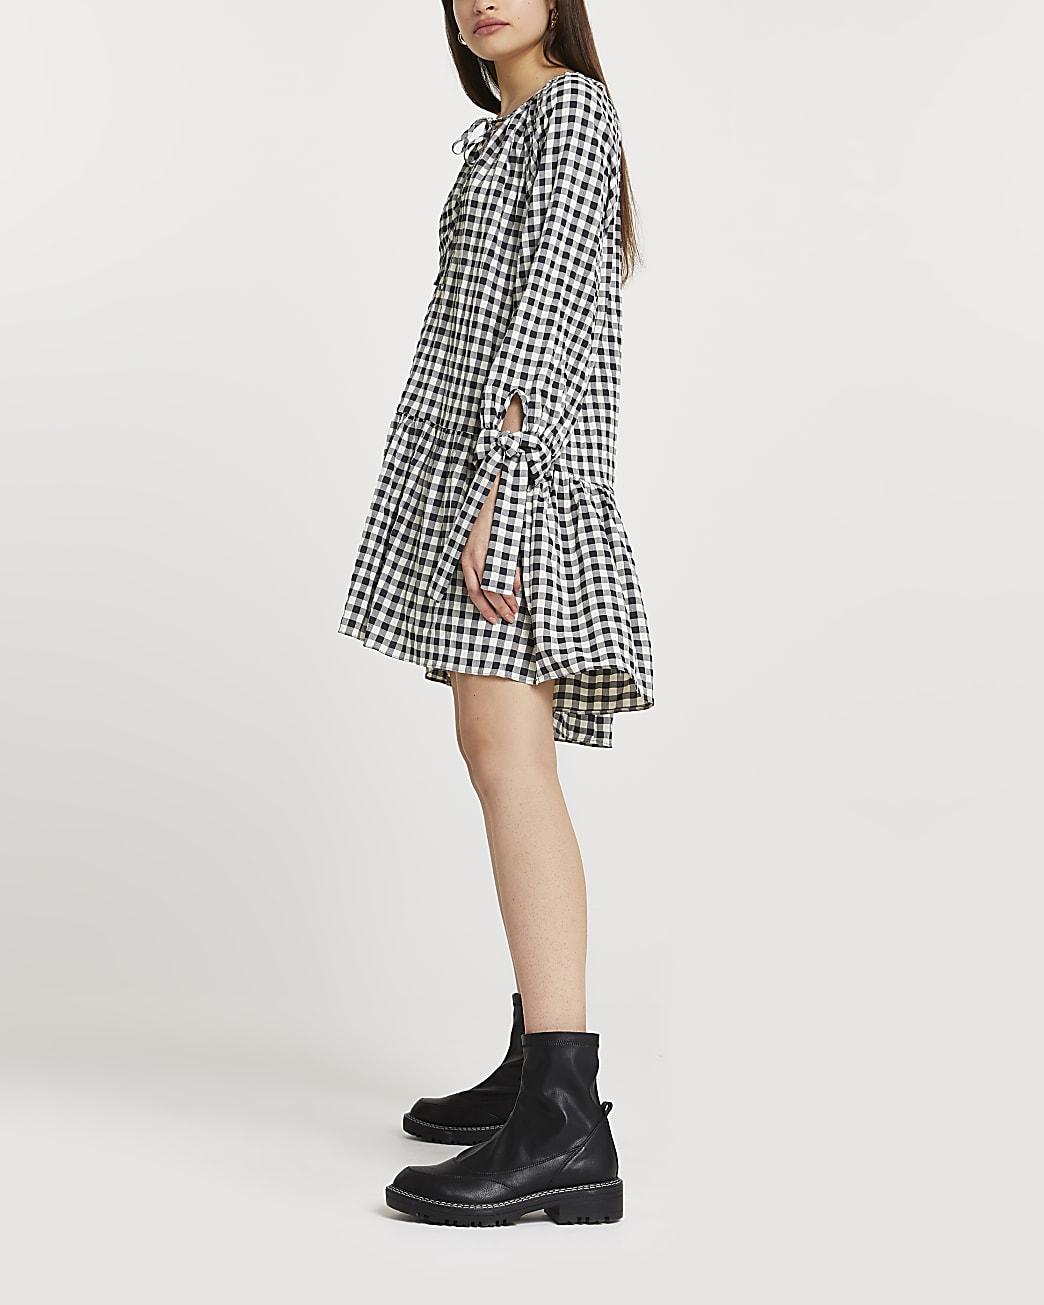 Black gingham tie neck smock mini dress